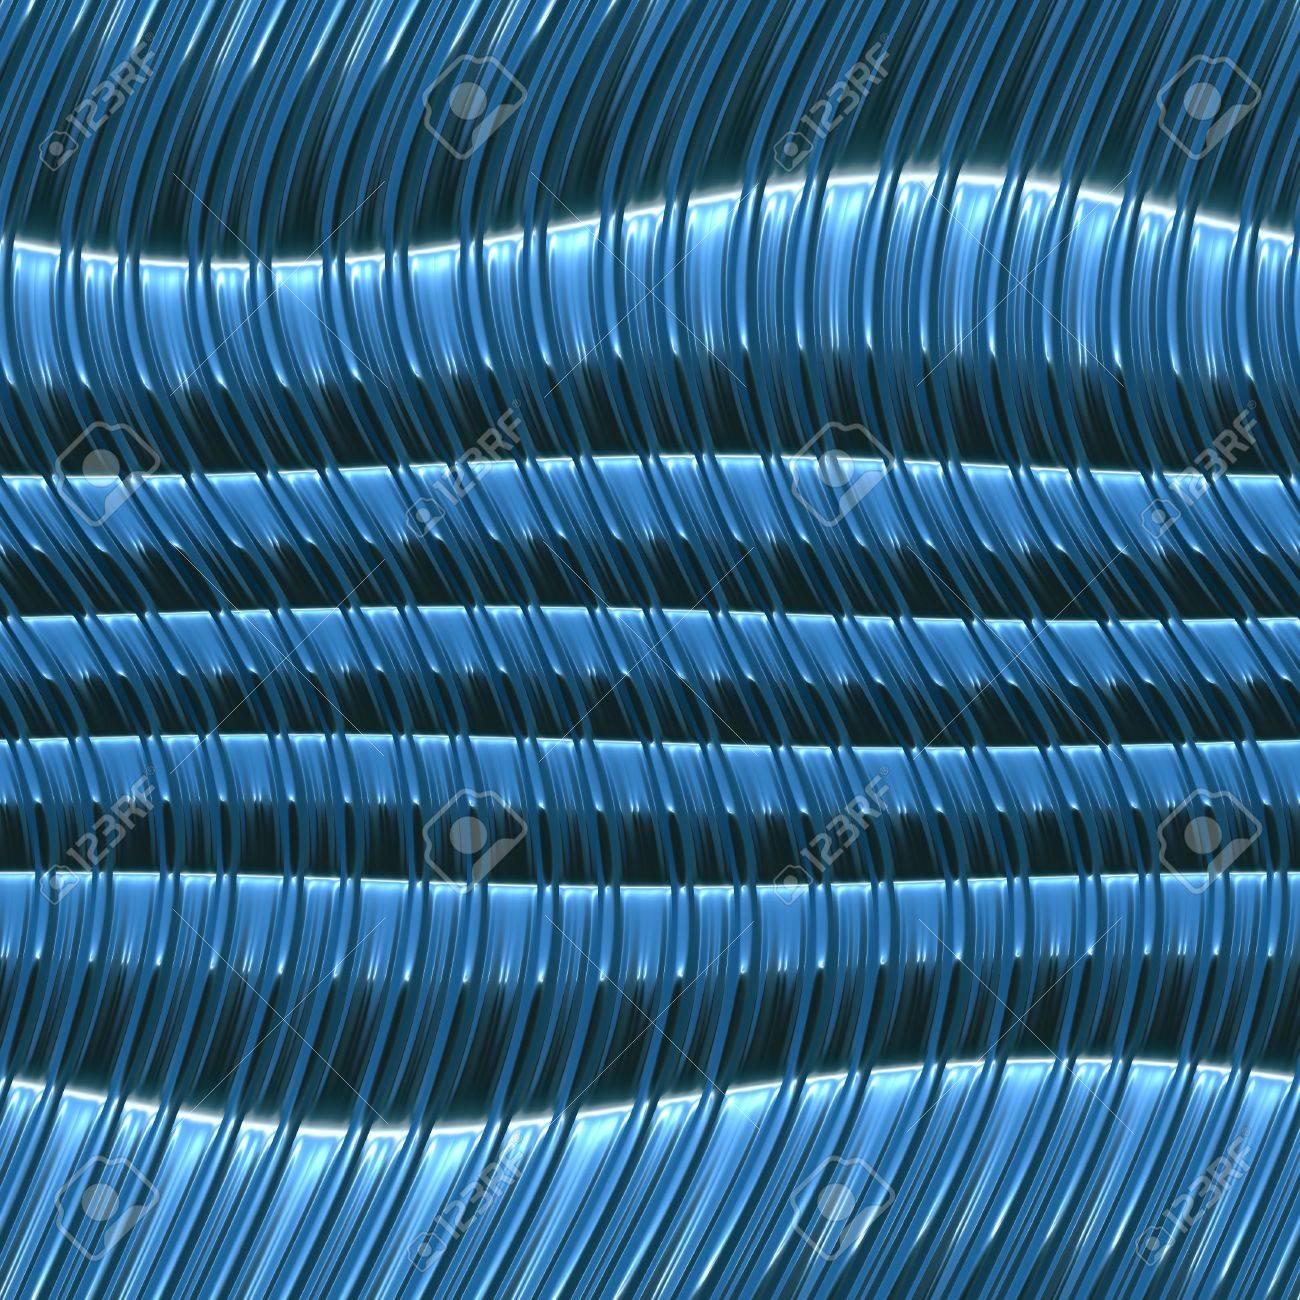 Immagini Stock Ondulate Sfondo Blu Metallizzato Sarà Tegola Senza